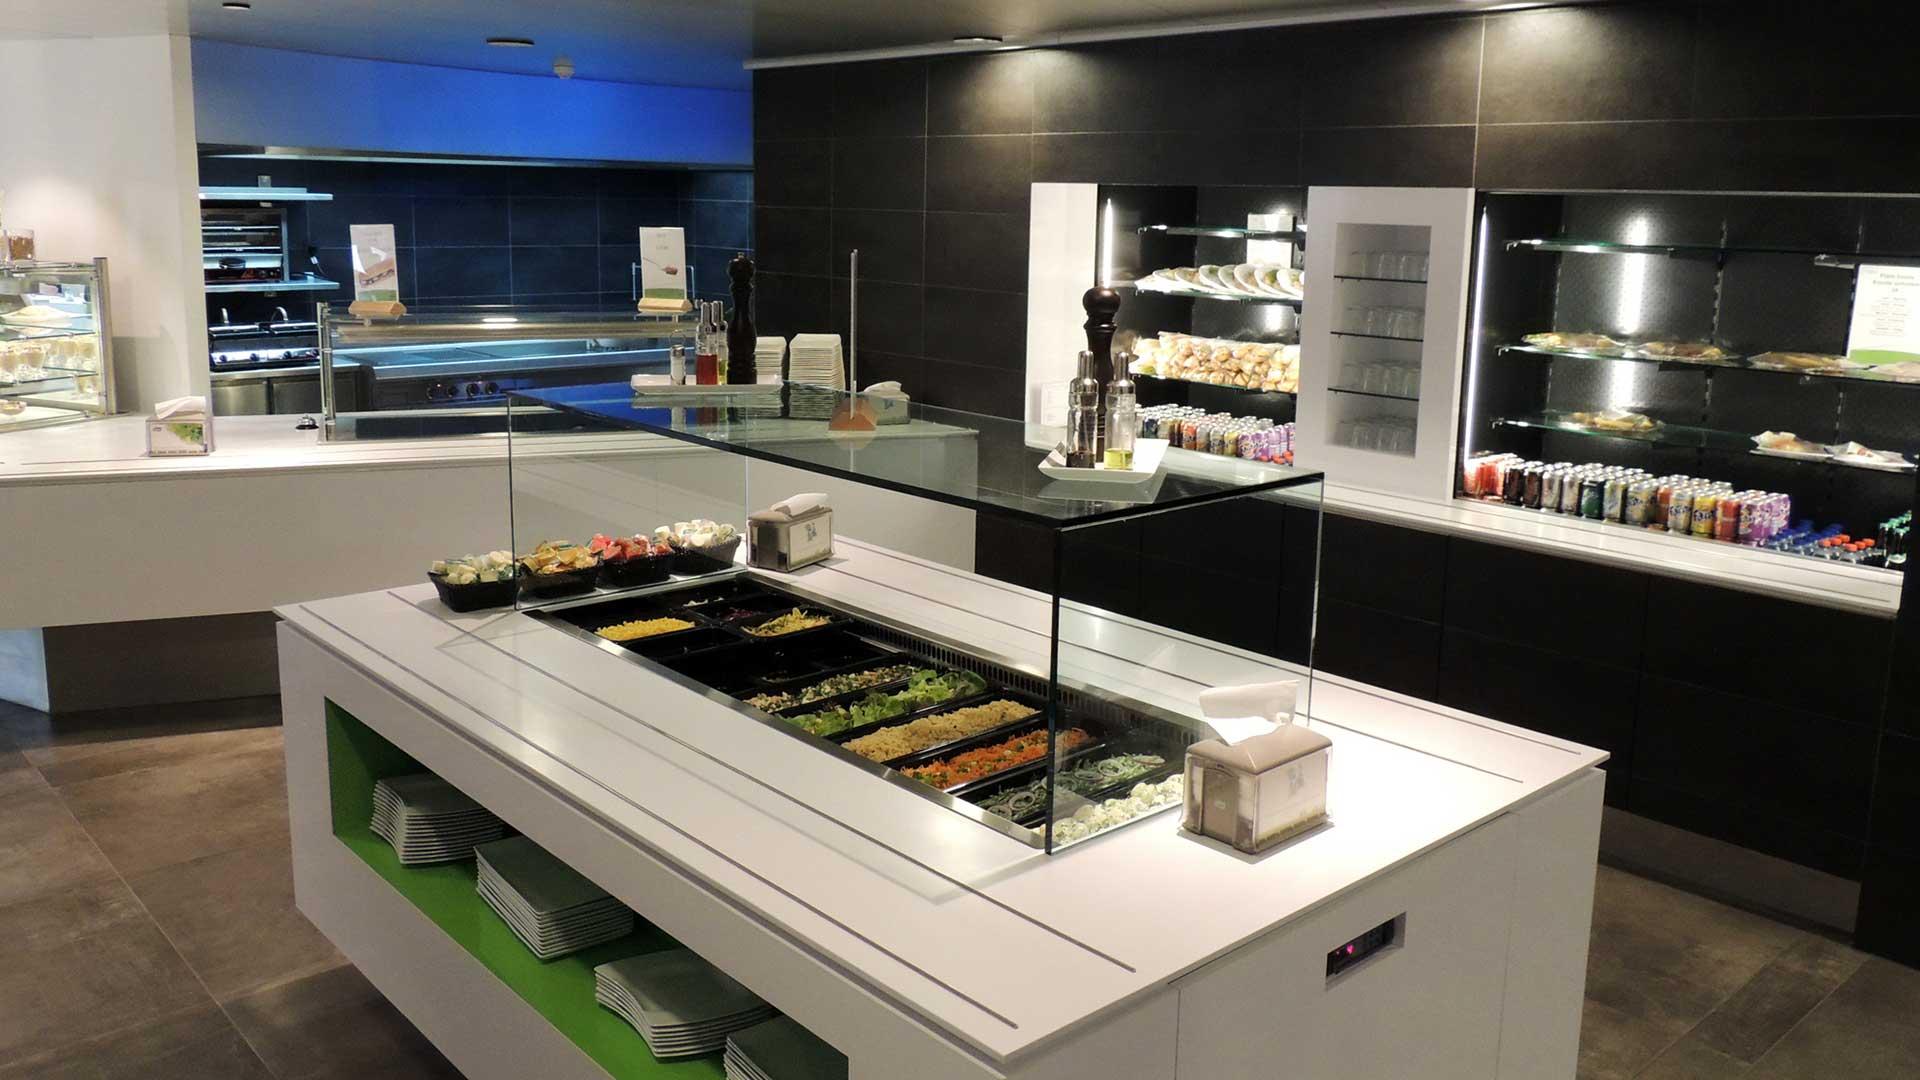 Installateur cuisine professionnelle - Installateur de cuisine professionnelle ...